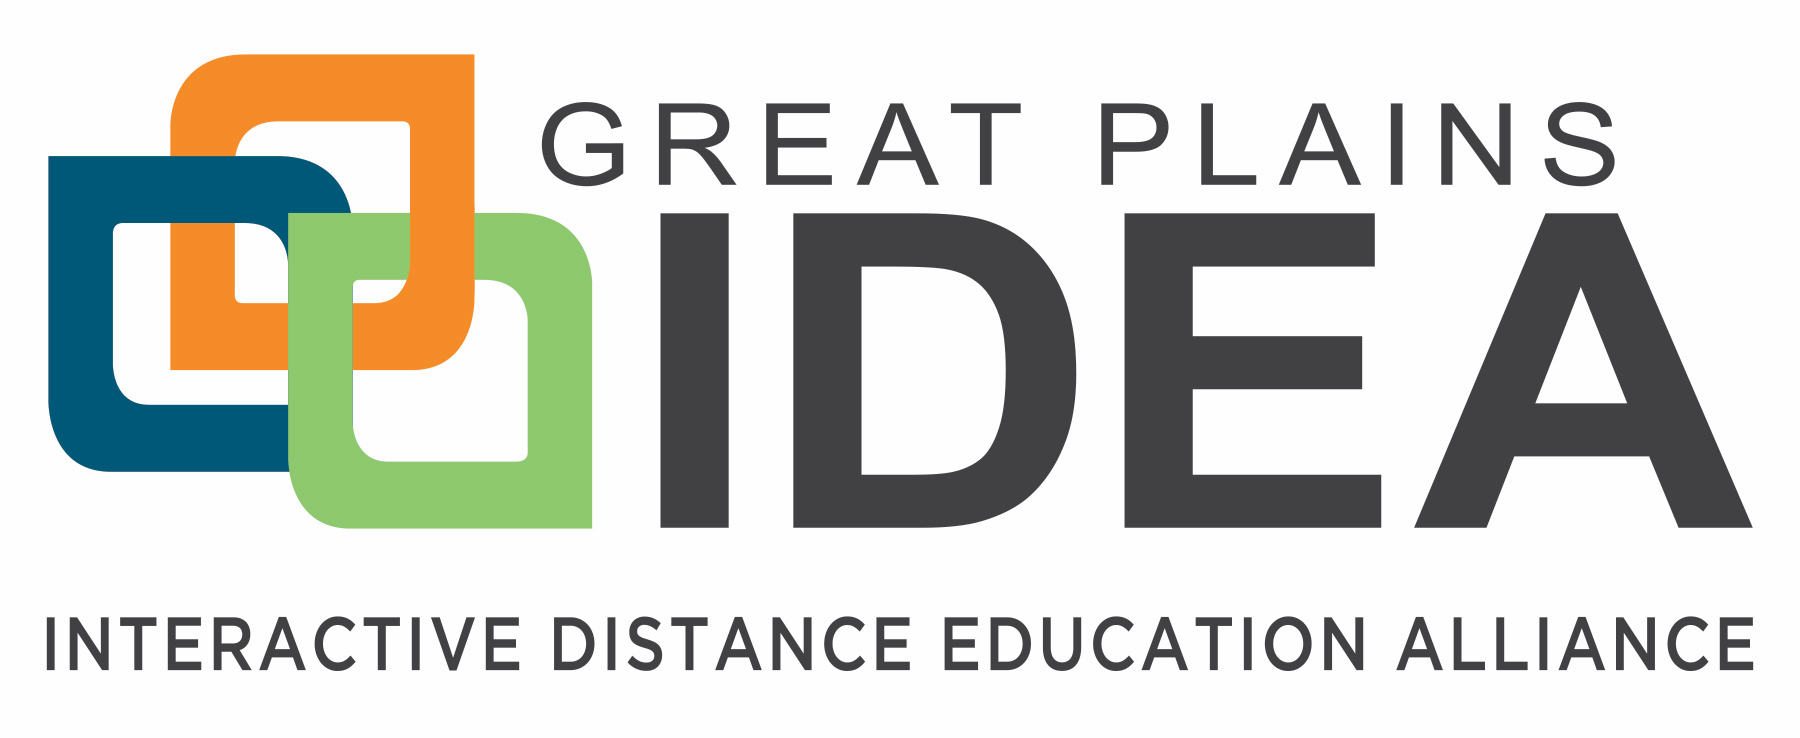 Great Plains IDEA Image